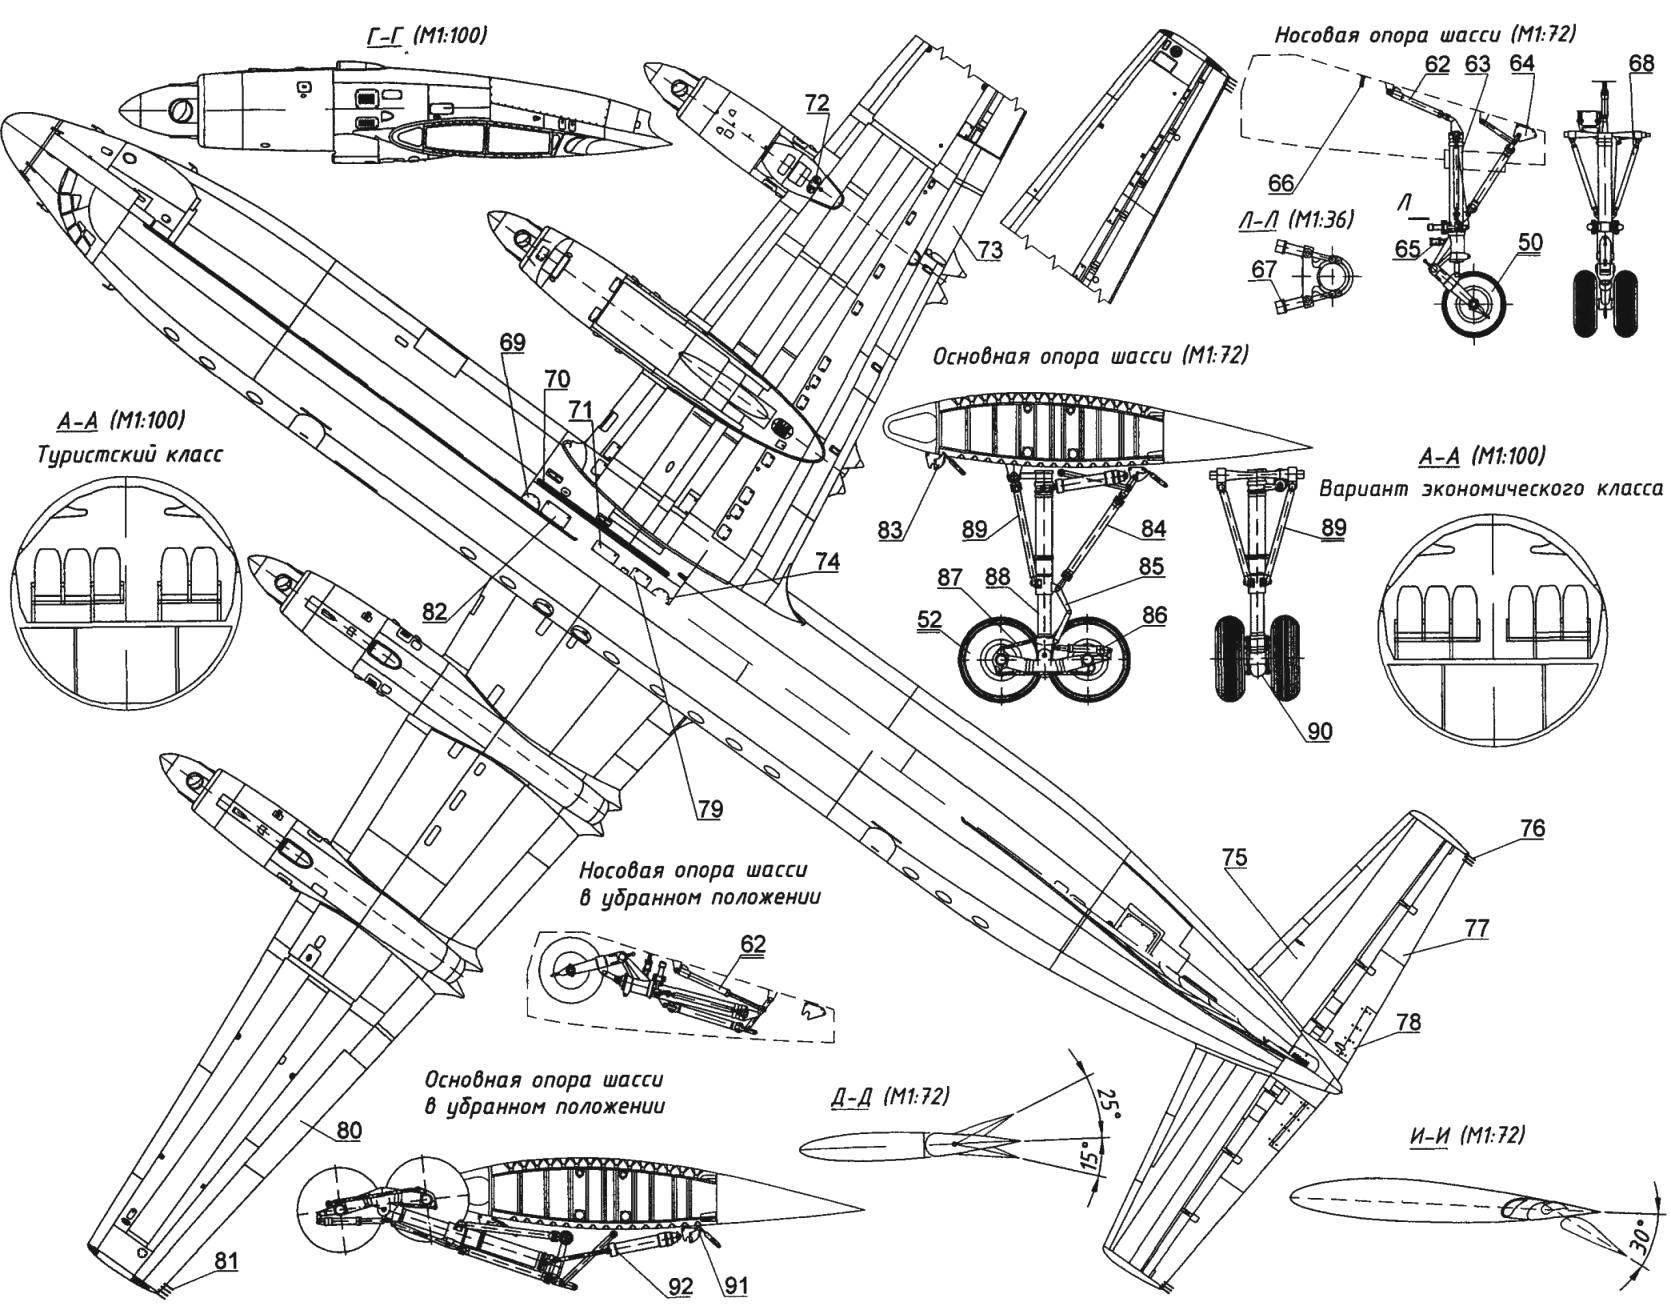 Пассажирский самолет Ил-18В